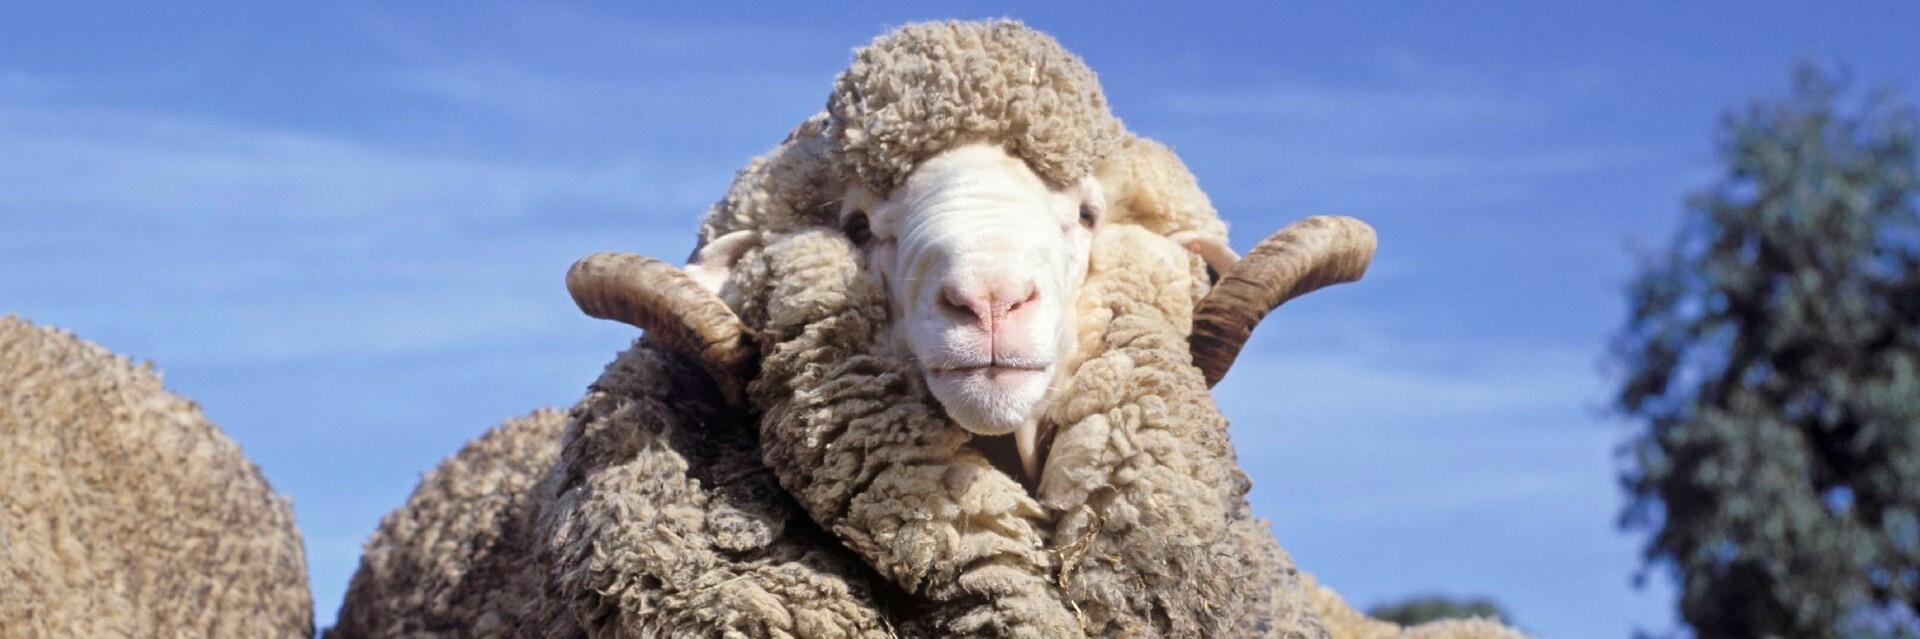 Schafe in Australia